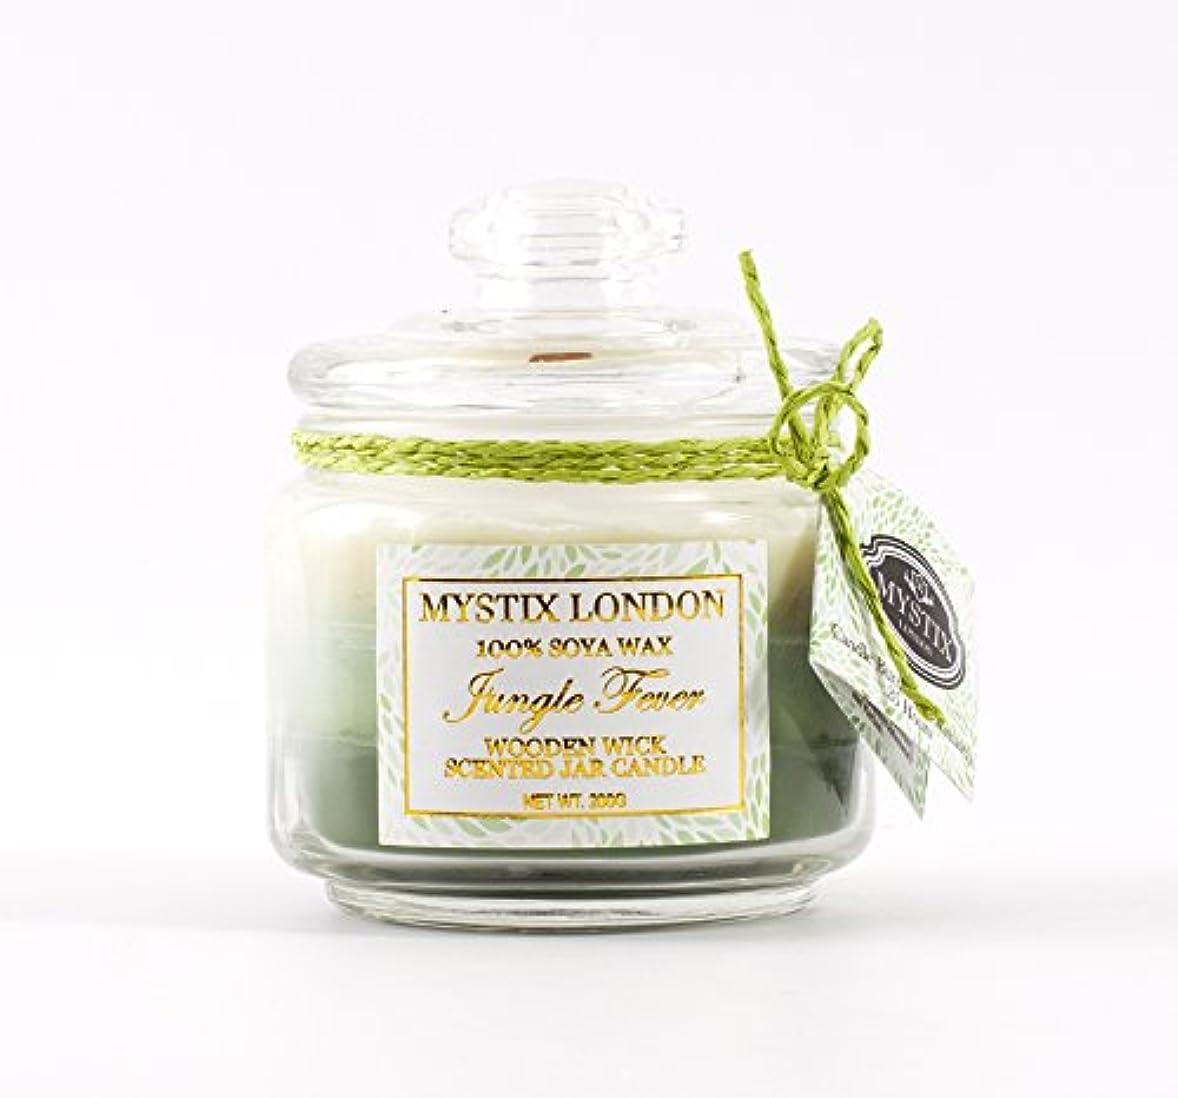 受ける燃やすフルートMystix London | Jungle Fever Wooden Wick Scented Jar Candle 200g